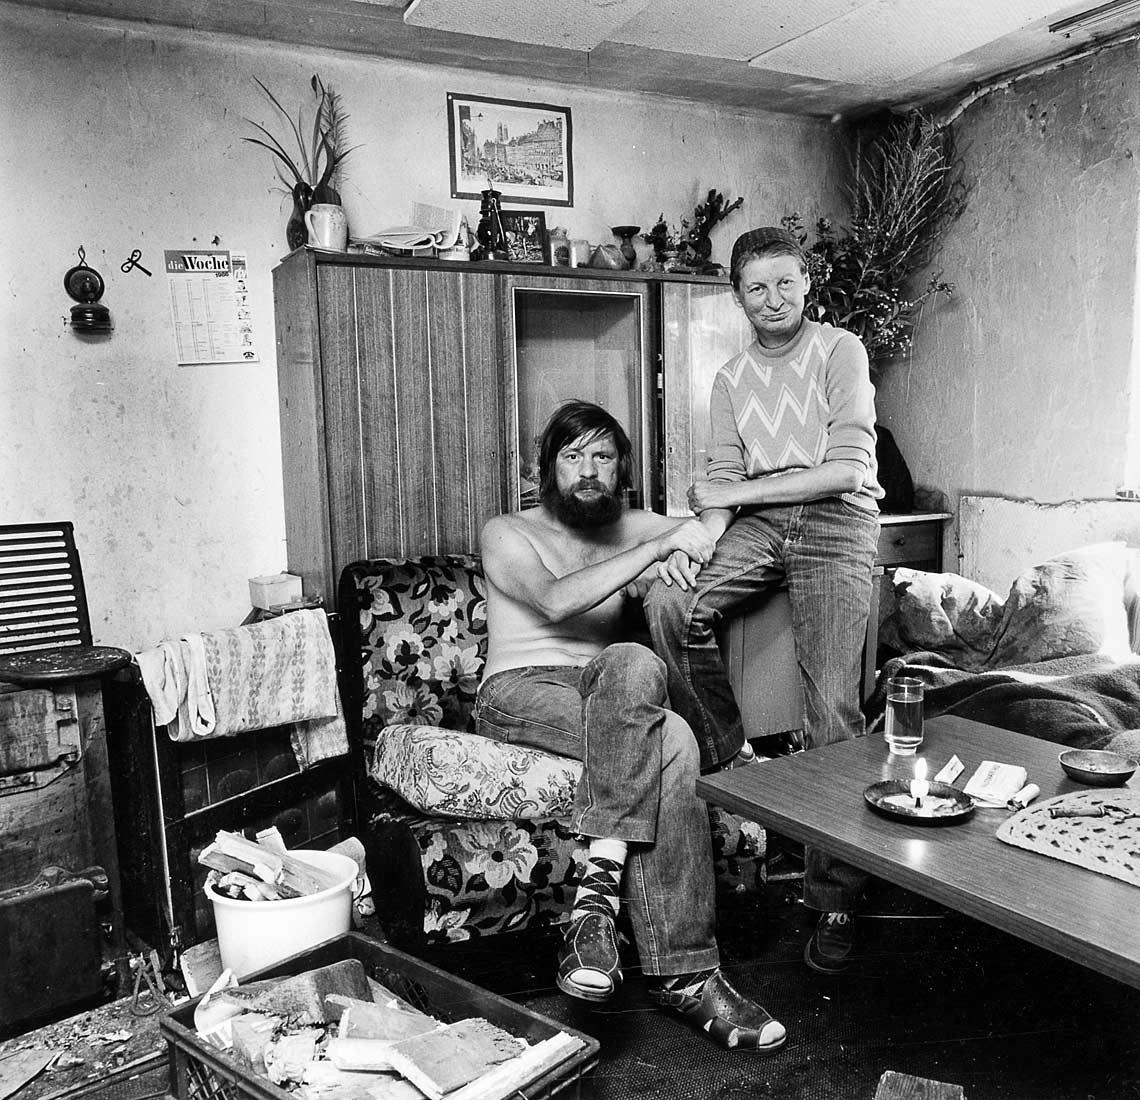 Bewohner der ehemaligen Barackensiedlung Nordheim für Heimatvertriebene - Regensburg 1986